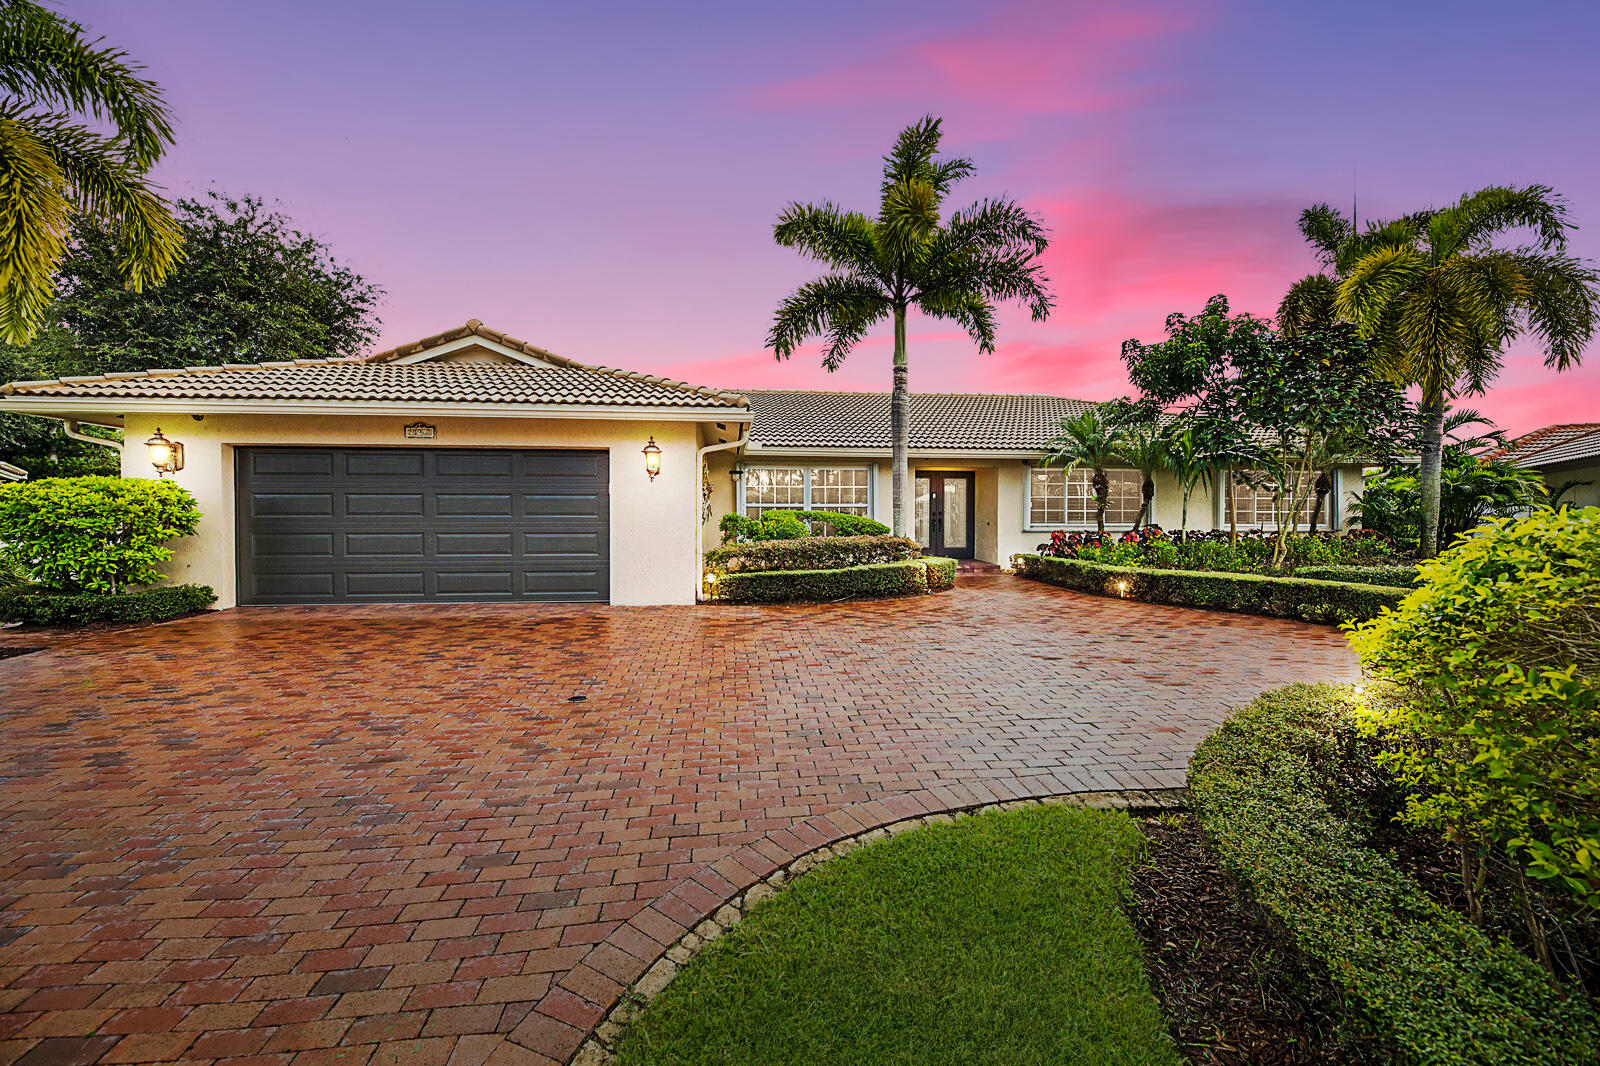 Photo of 20968 Certosa Terrace, Boca Raton, FL 33433